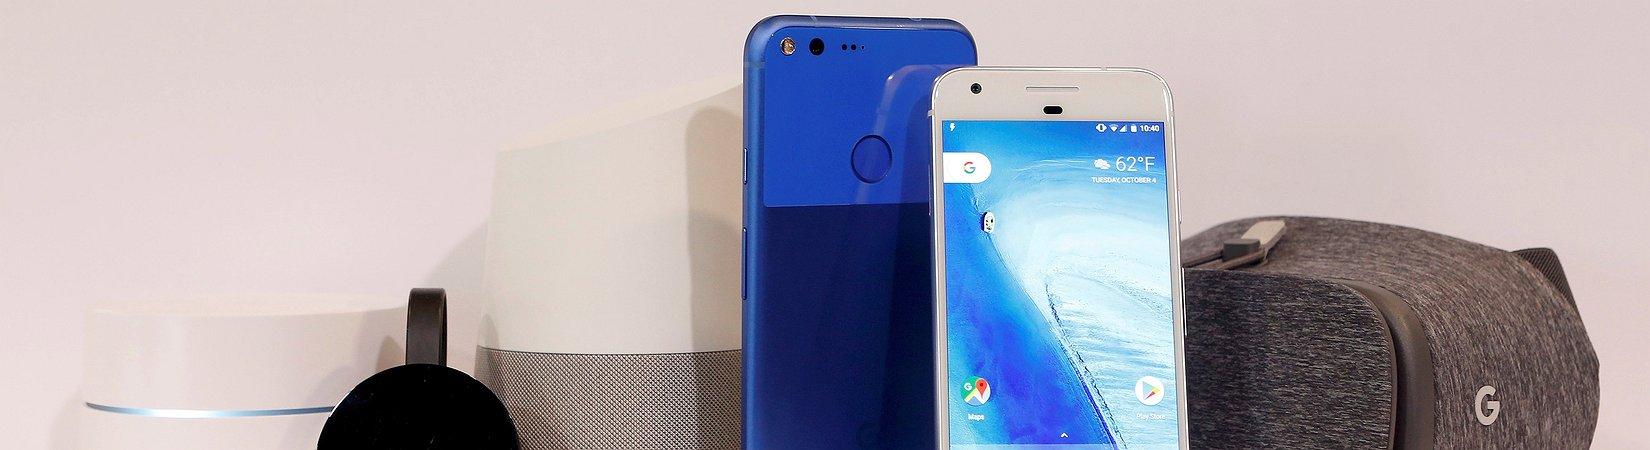 Análisis del nuevo buque insignia de Google: Pixel